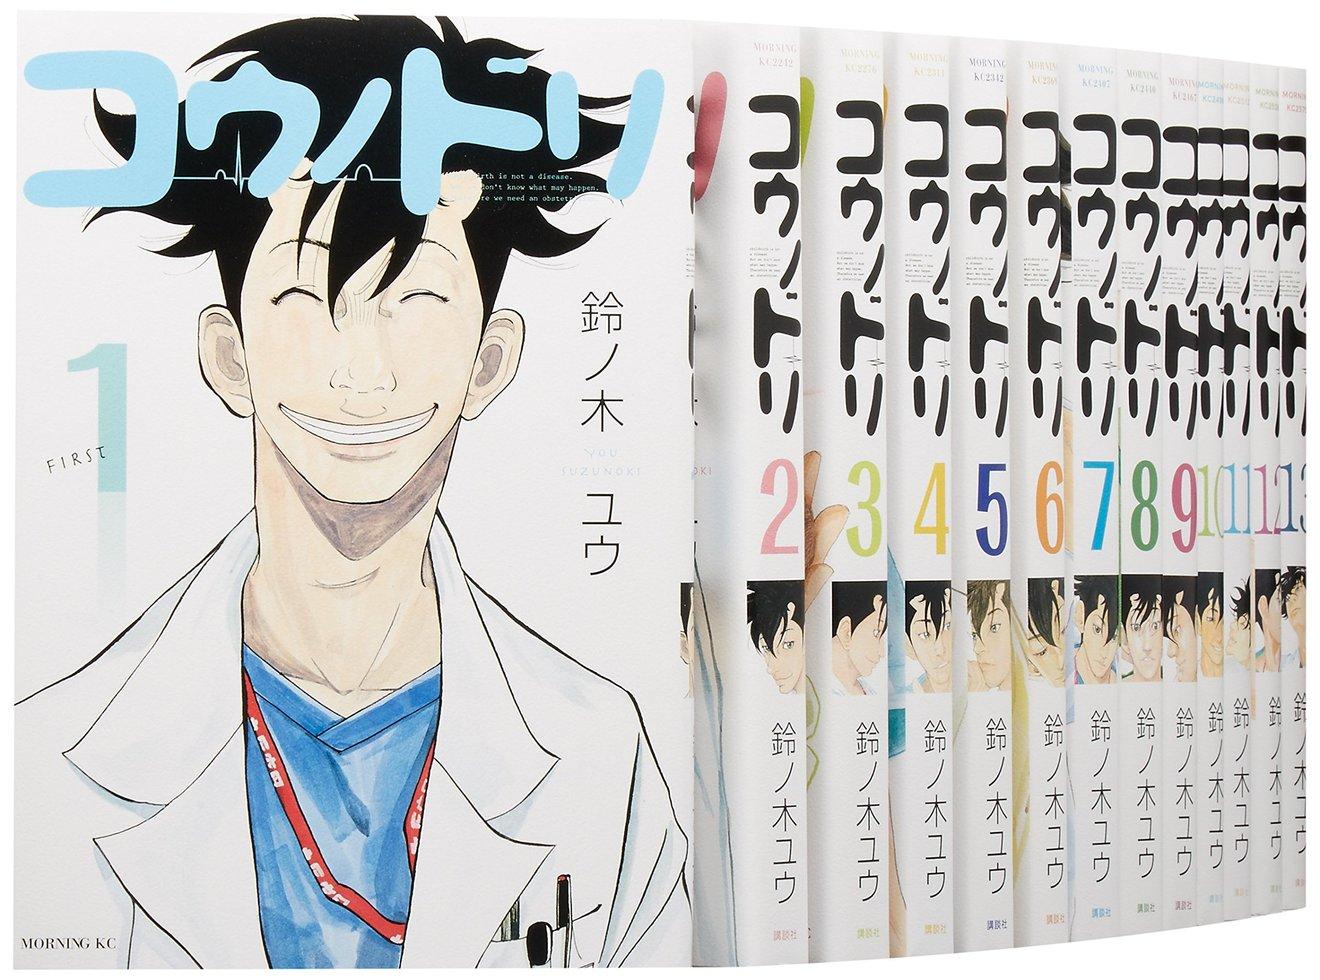 漫画『コウノドリ』に感動!泣けるエピソードを最新24巻までネタバレ紹介!